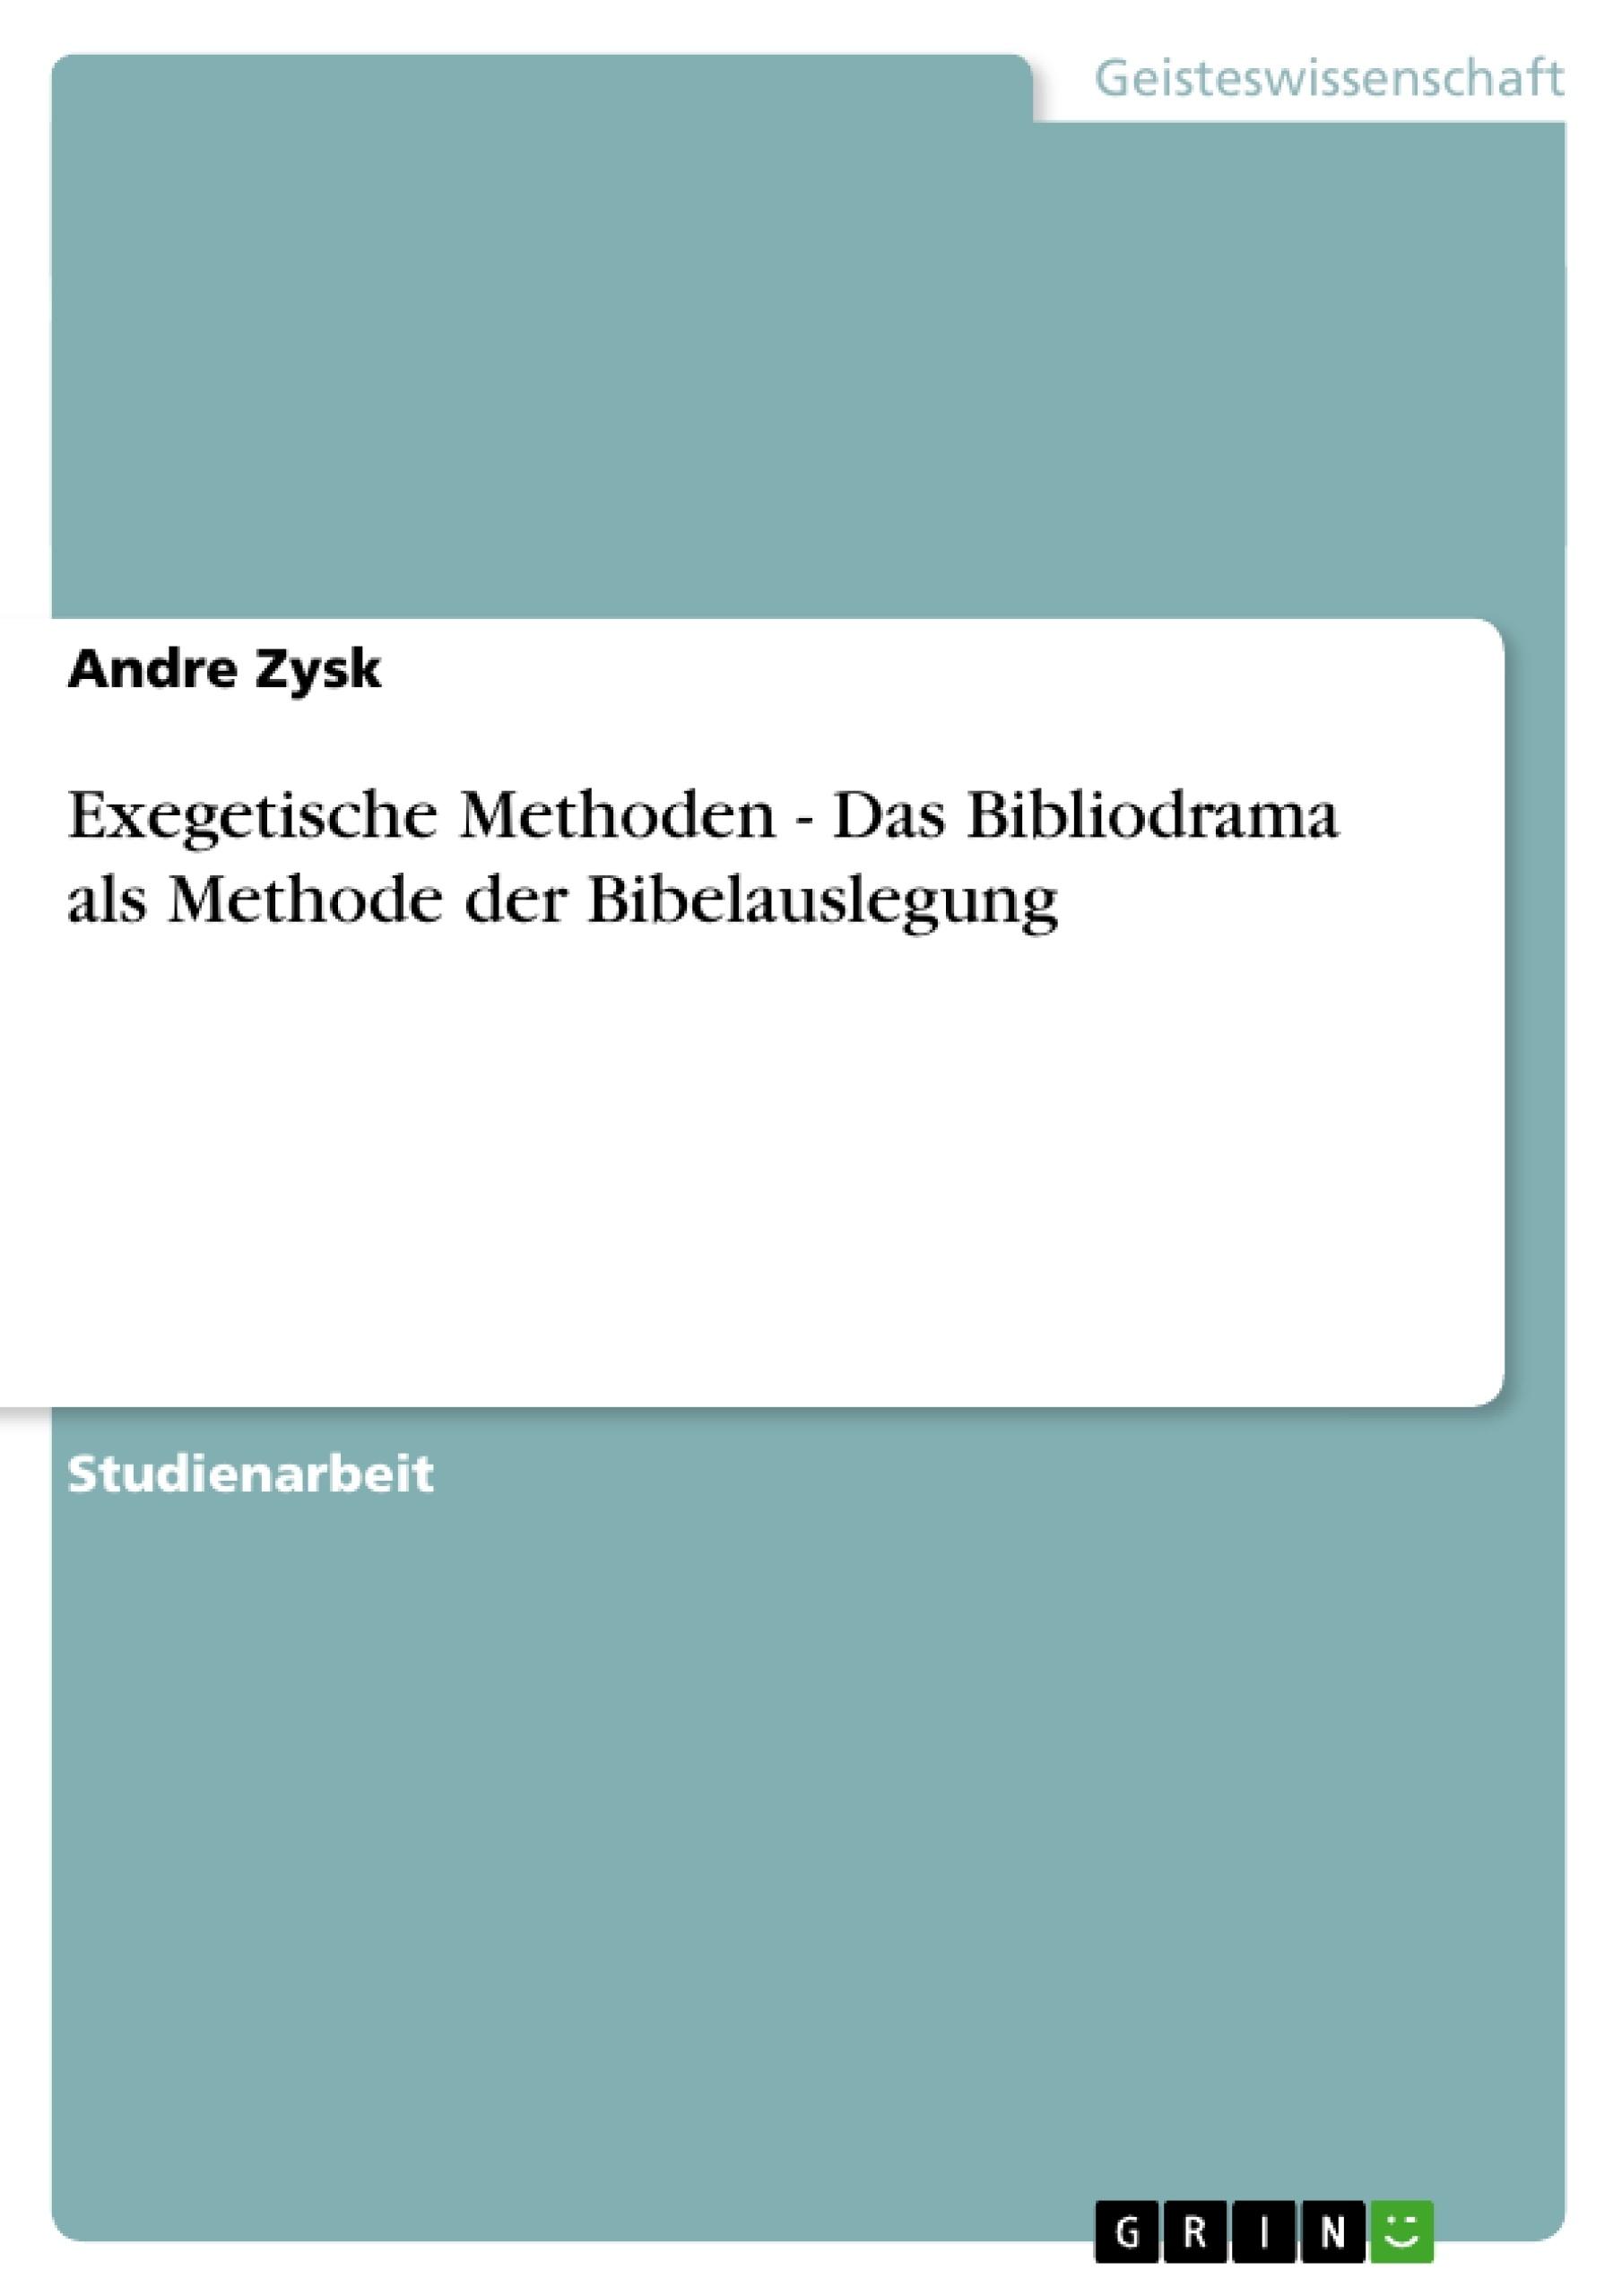 Titel: Exegetische Methoden - Das Bibliodrama als Methode der Bibelauslegung